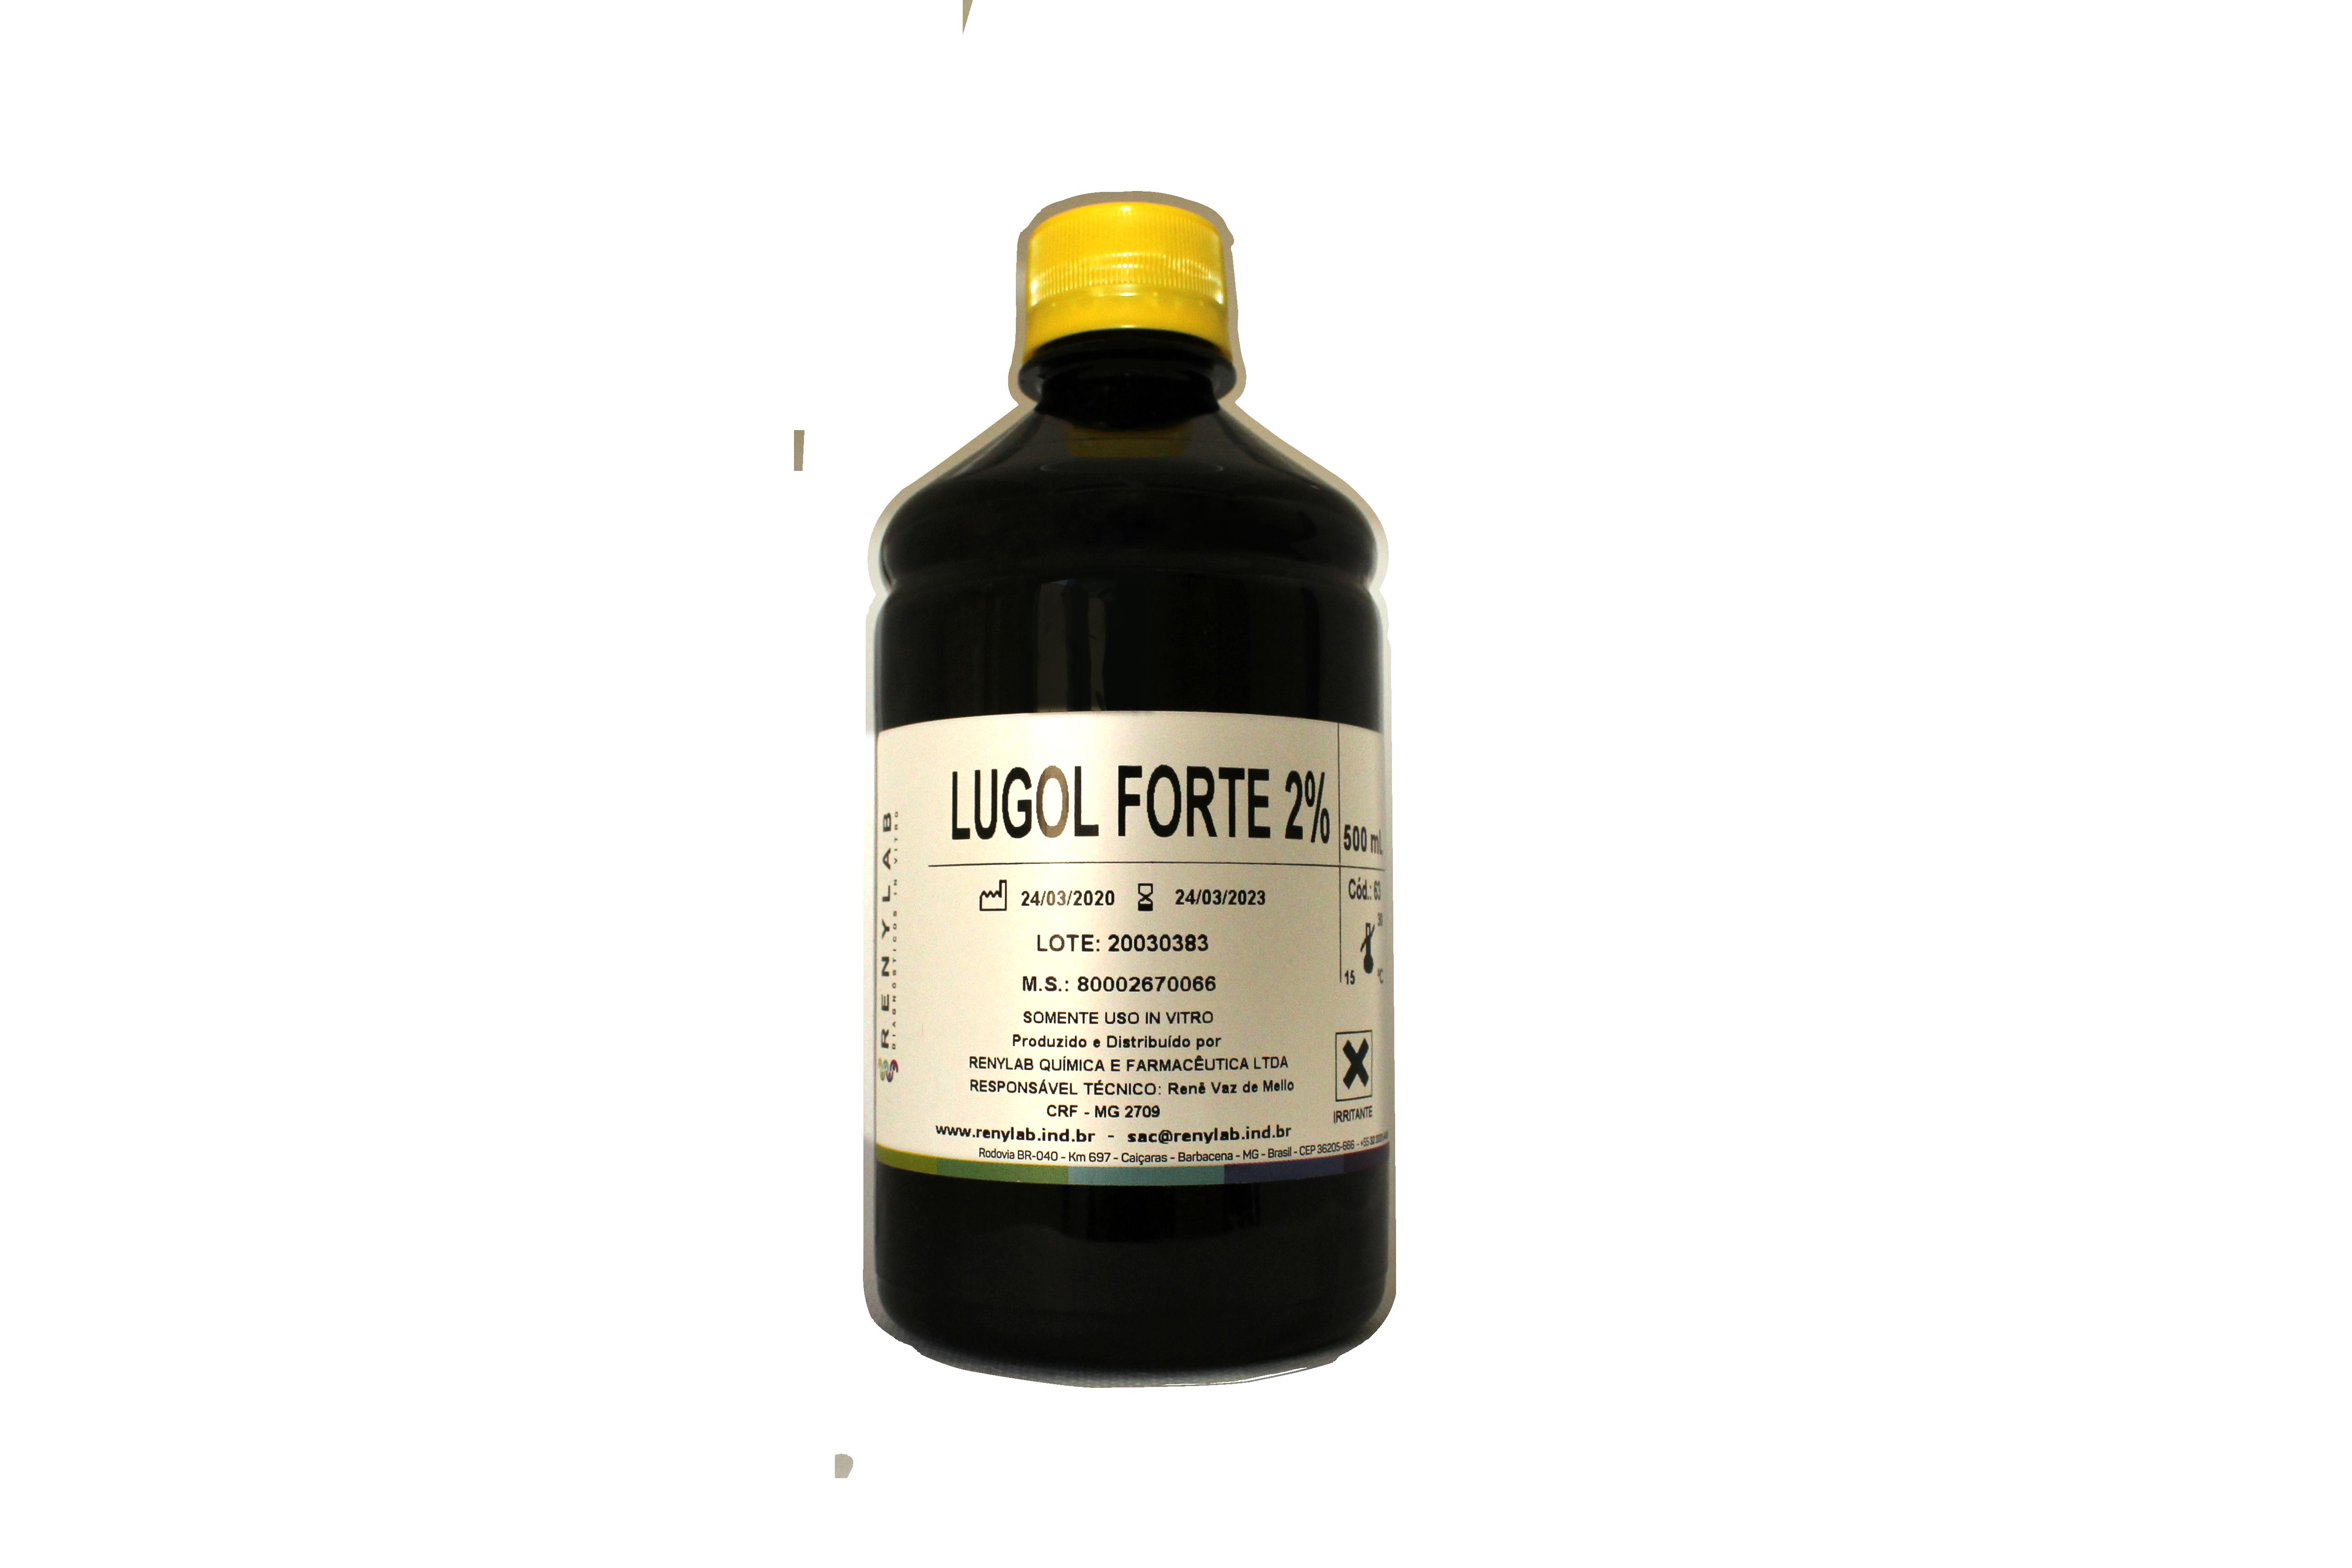 Lugol Forte P/ Teste de Schiller